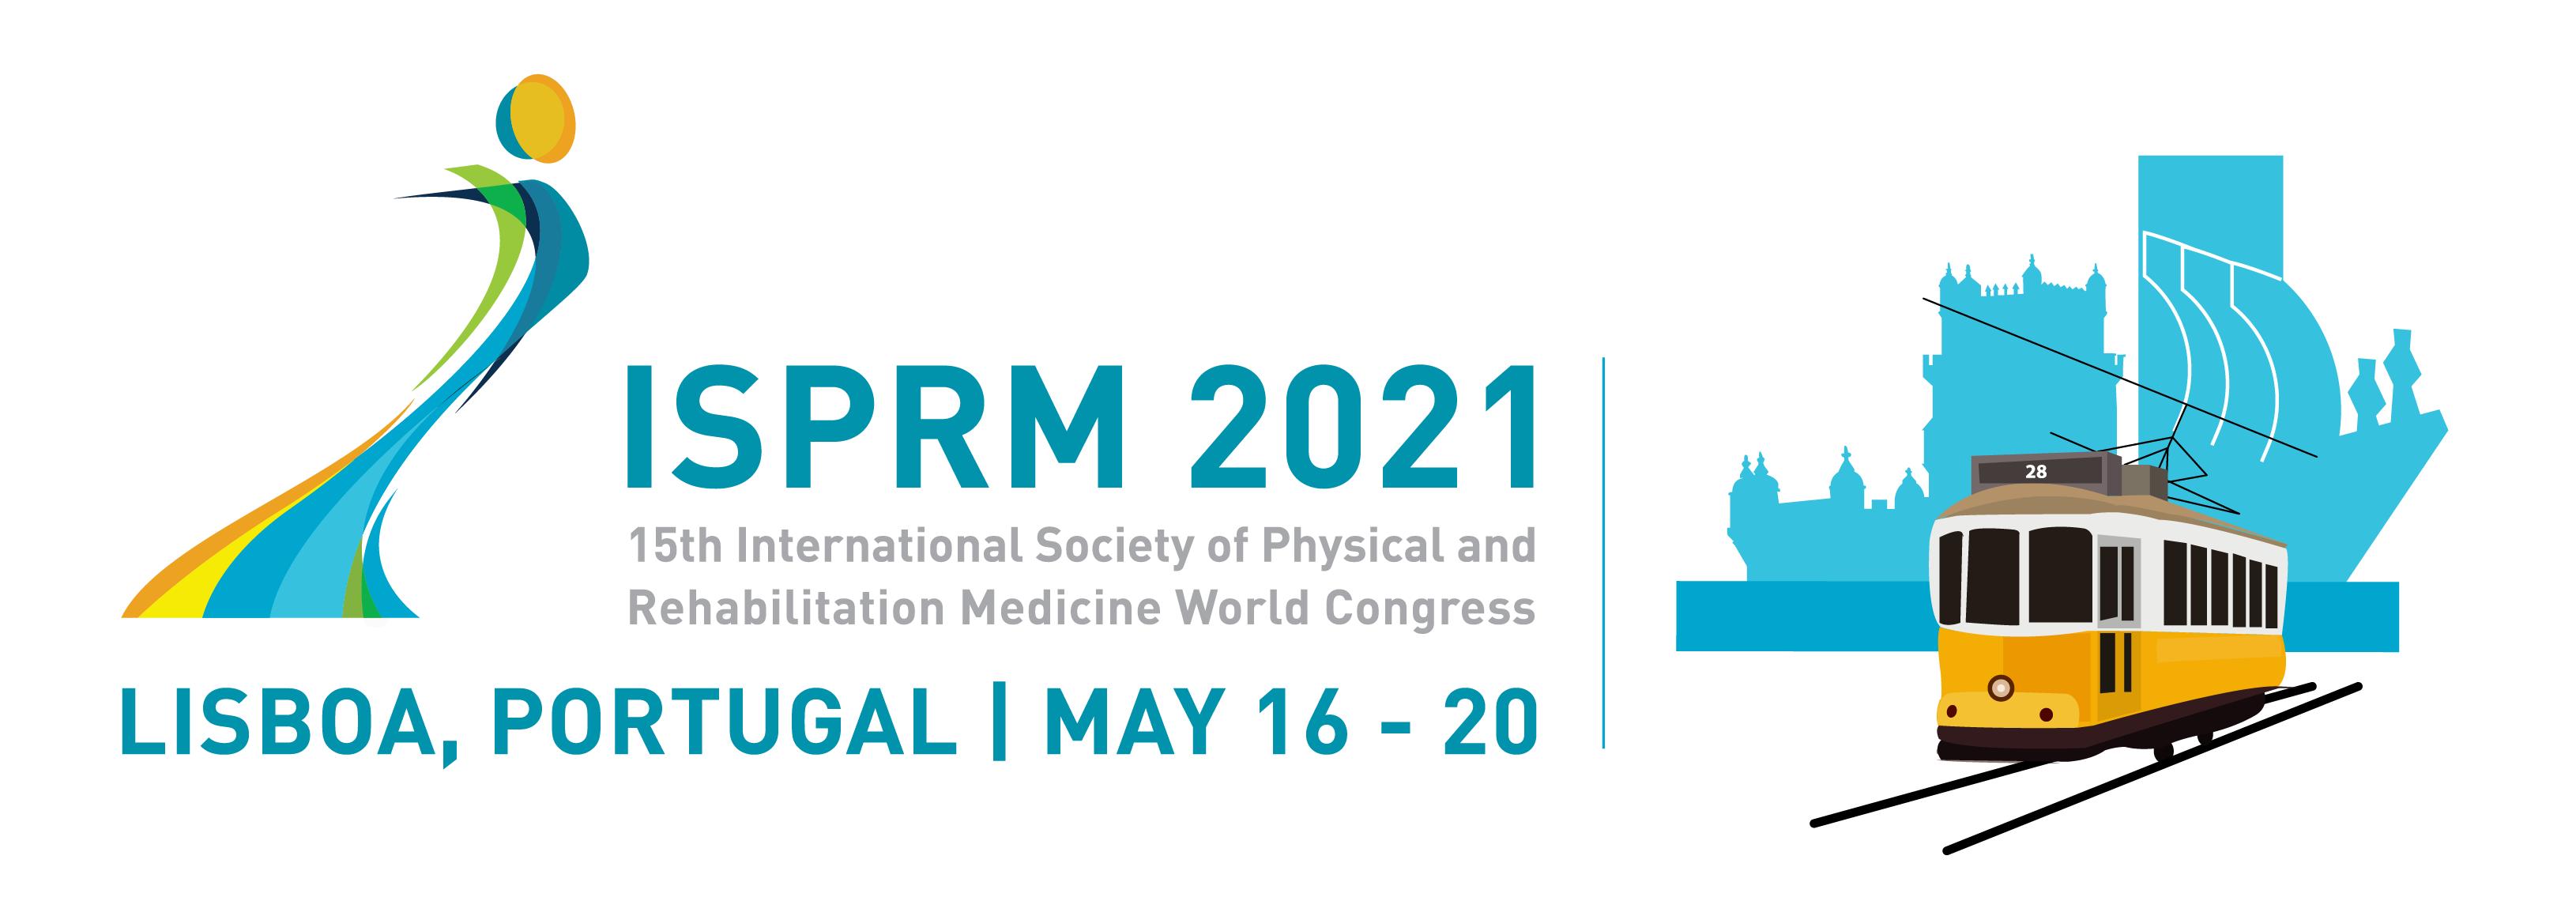 ISPRM 2021